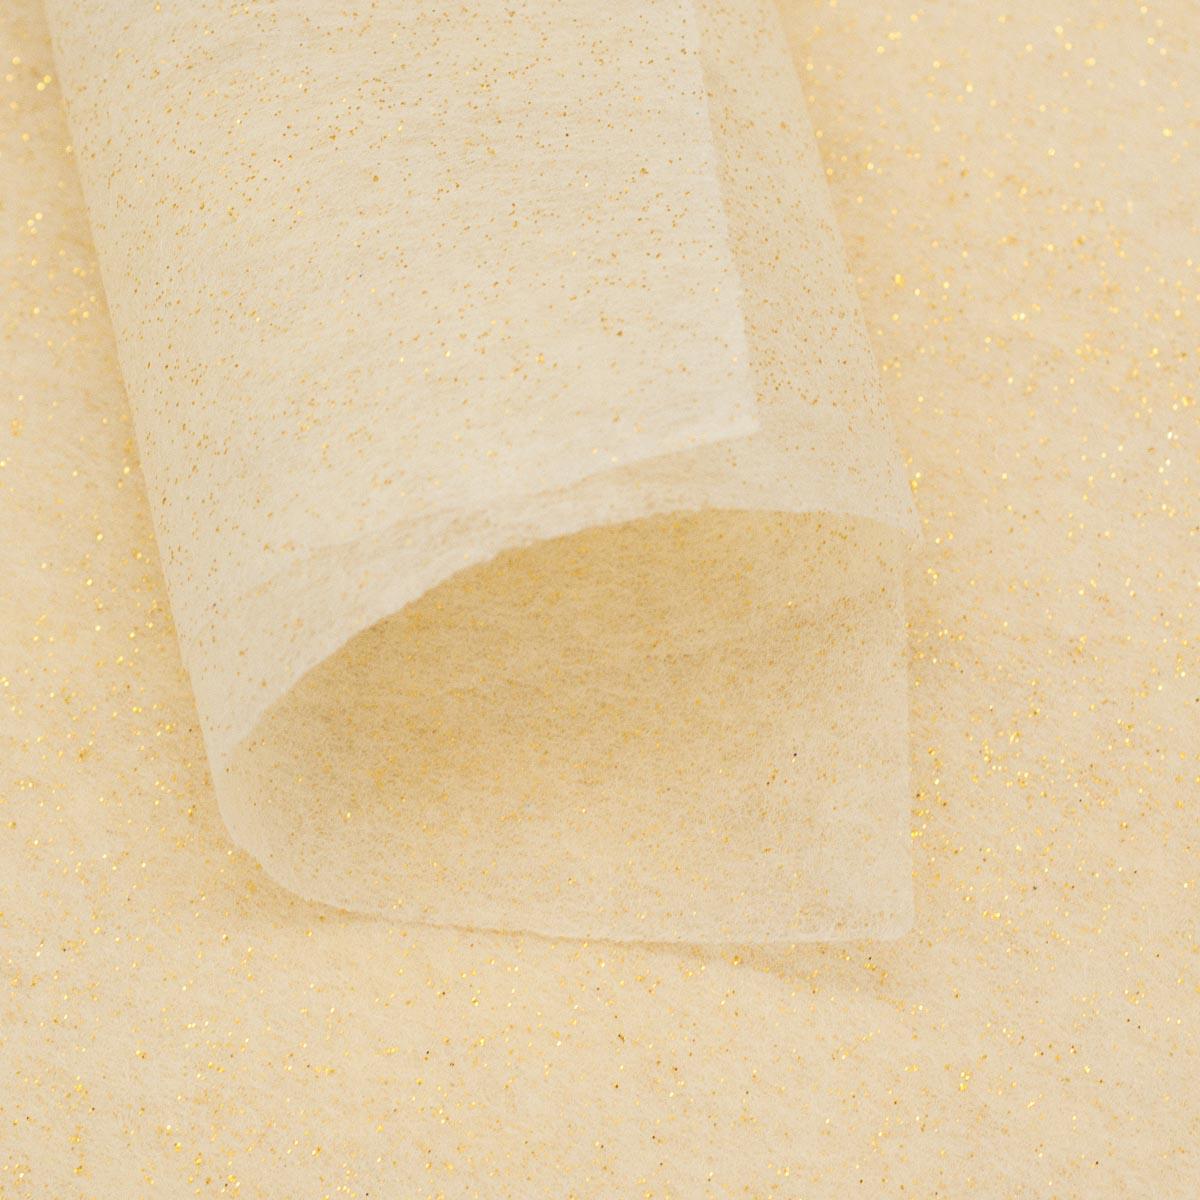 Декоративный нетканный материал для упаковки, рукоделия, флористики A4, 25 гр., 10шт. GN40-30